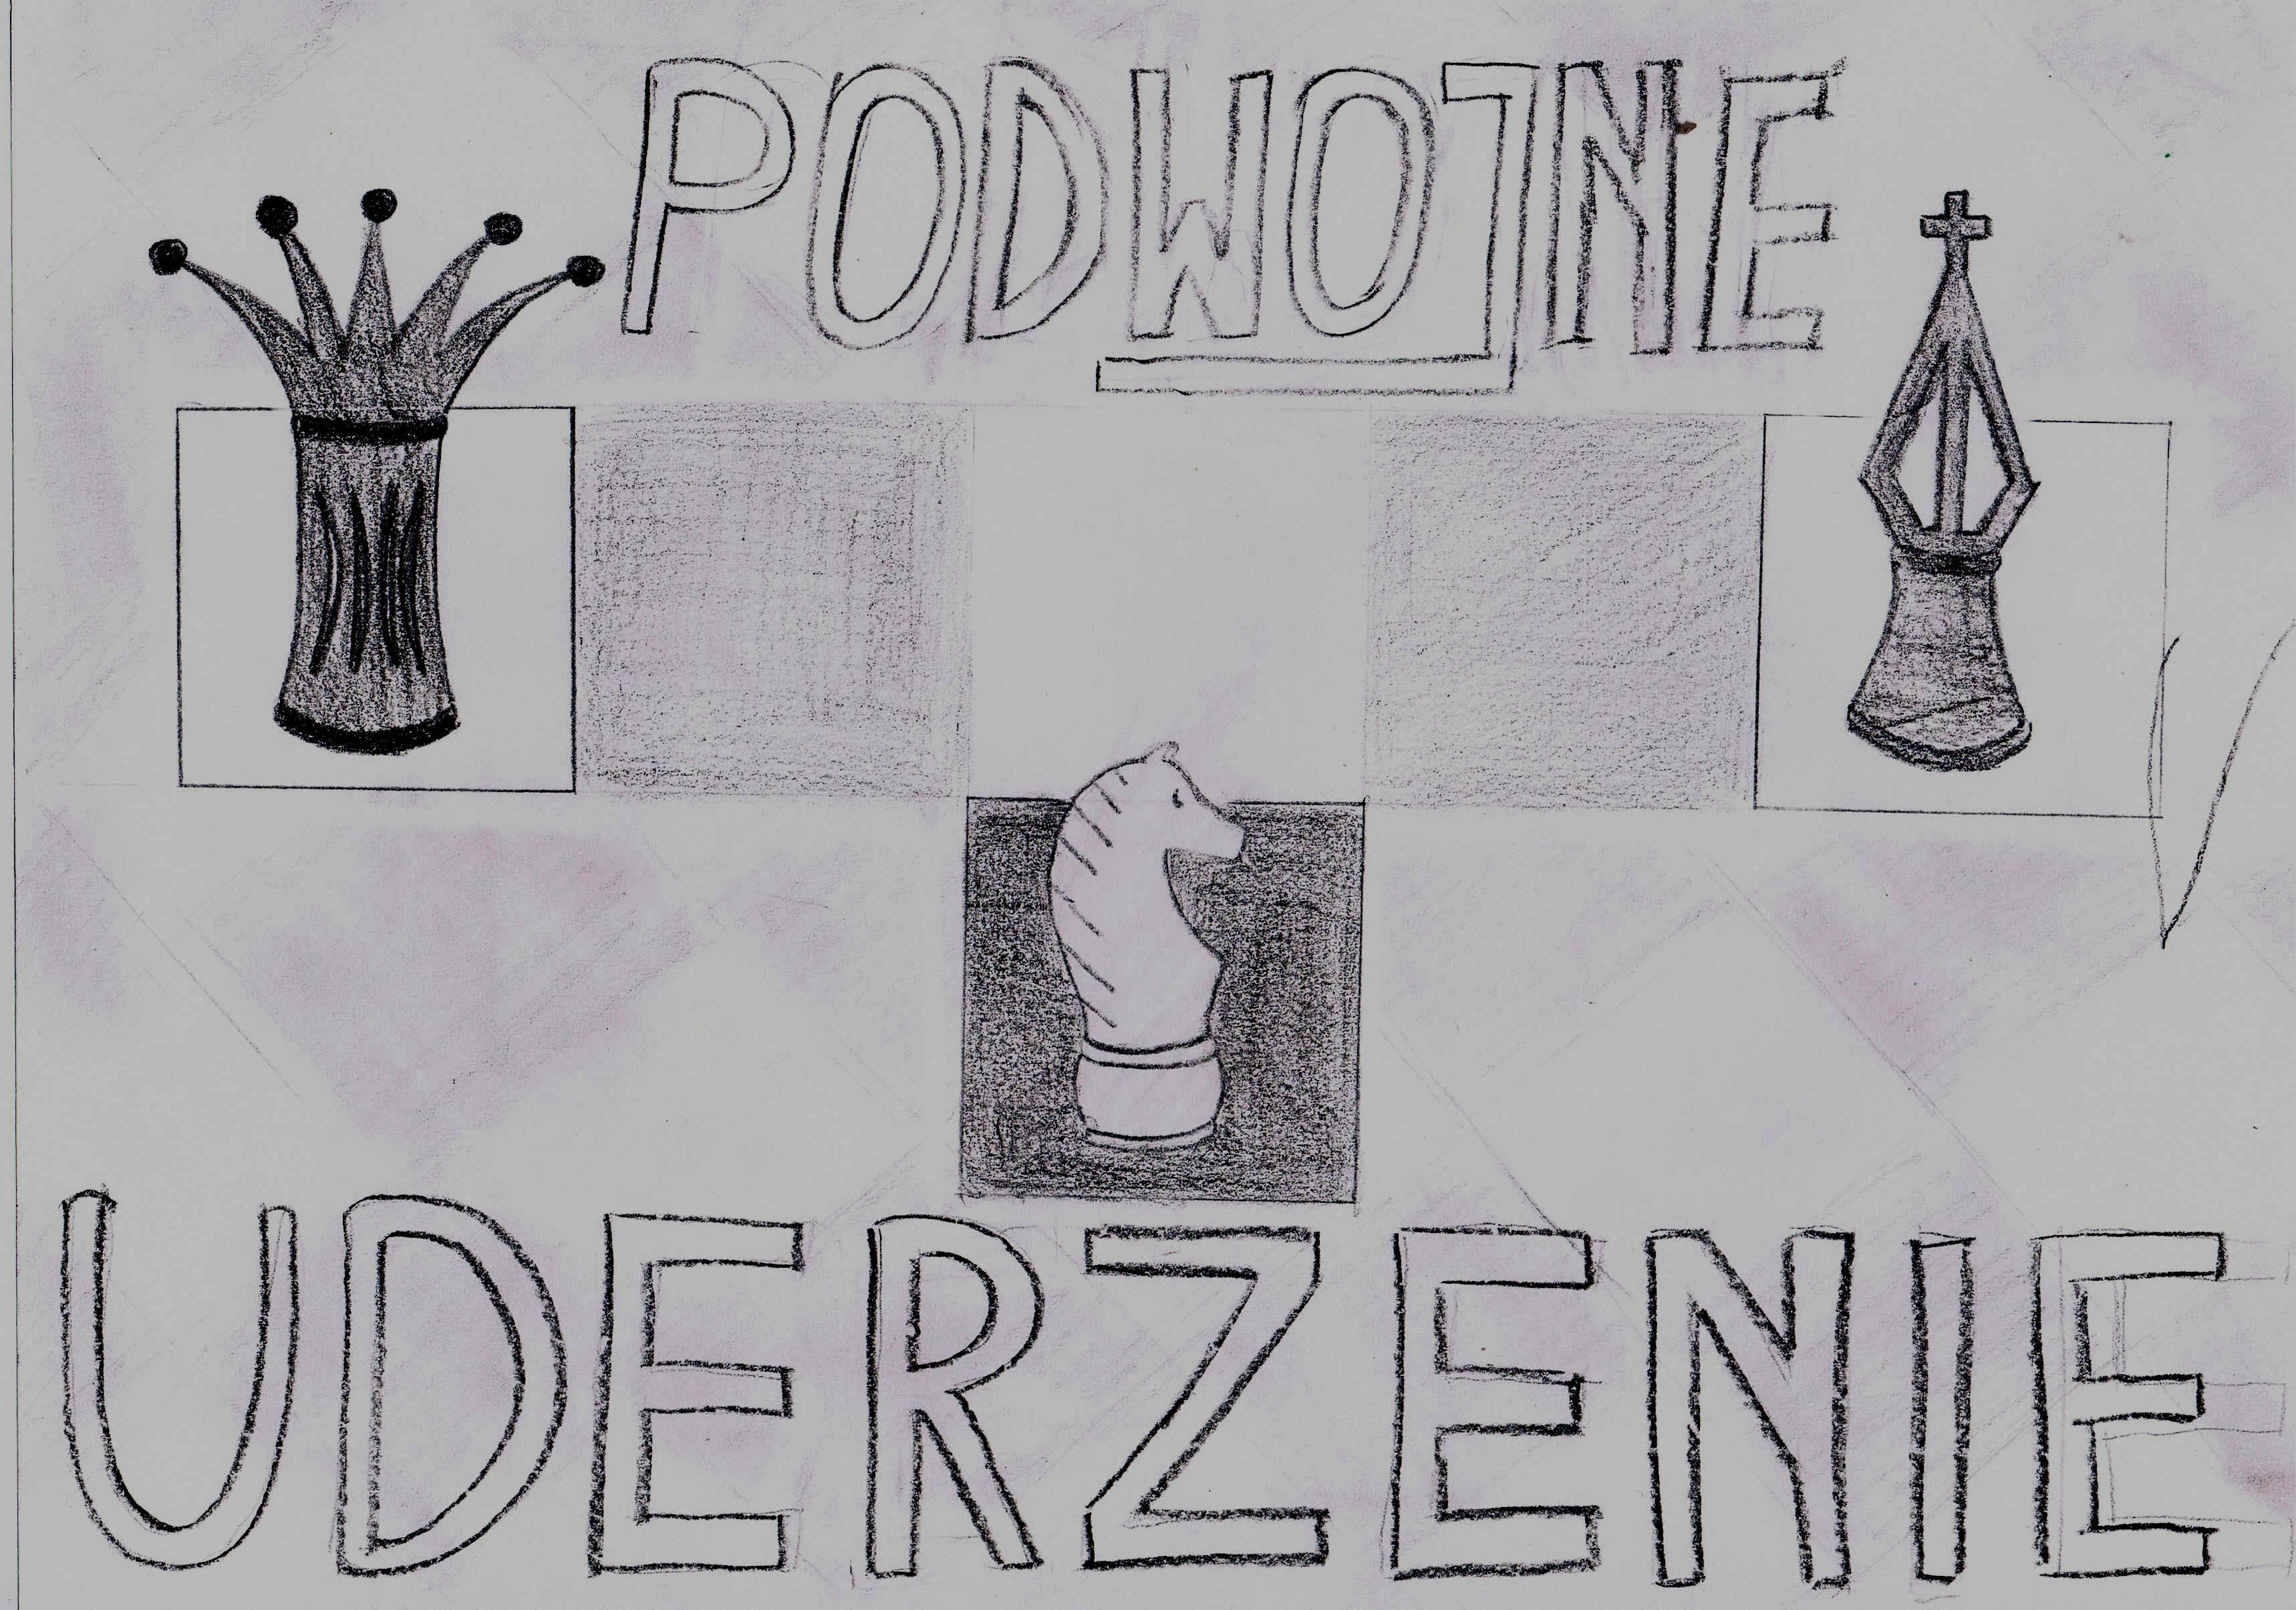 Podwójne uderzenie. Autorka rysunku: Zuzanna Wojtala (uczennica Gimnazjum nr 13 im. Unii Europejskiej we Wrocławiu).